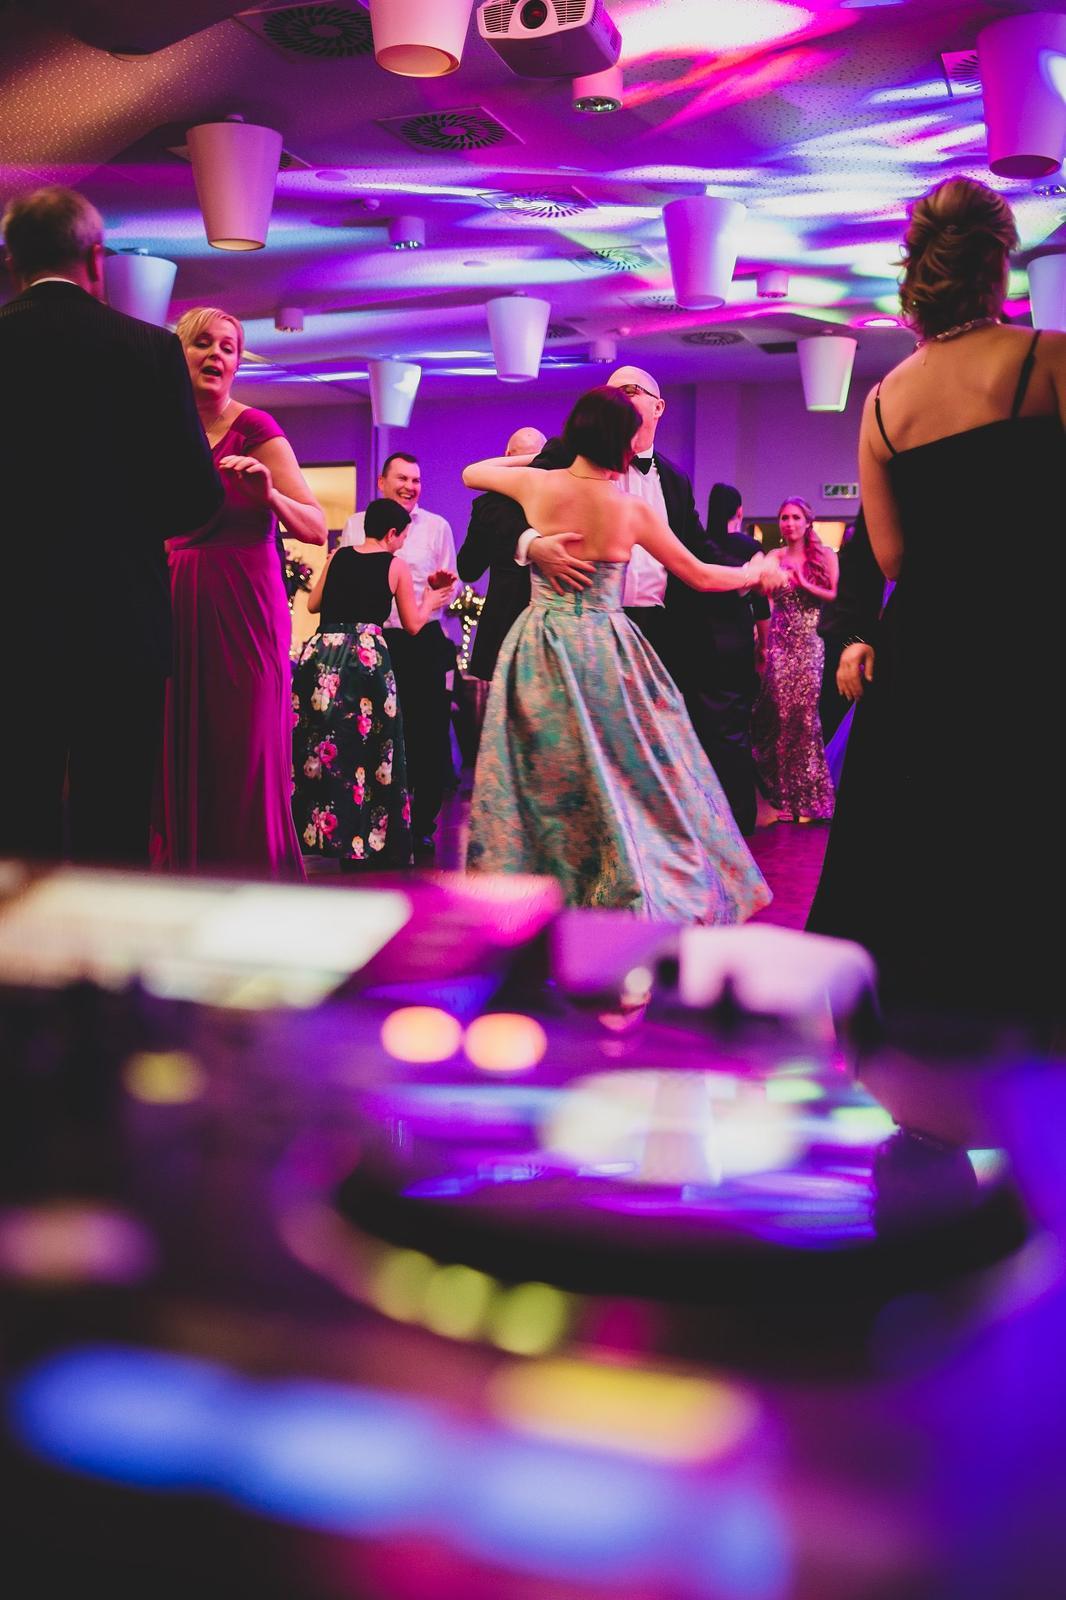 Djka eLLy d - dj eLLy d_Reprezentačný ples Hotela Astrum Laus Levice